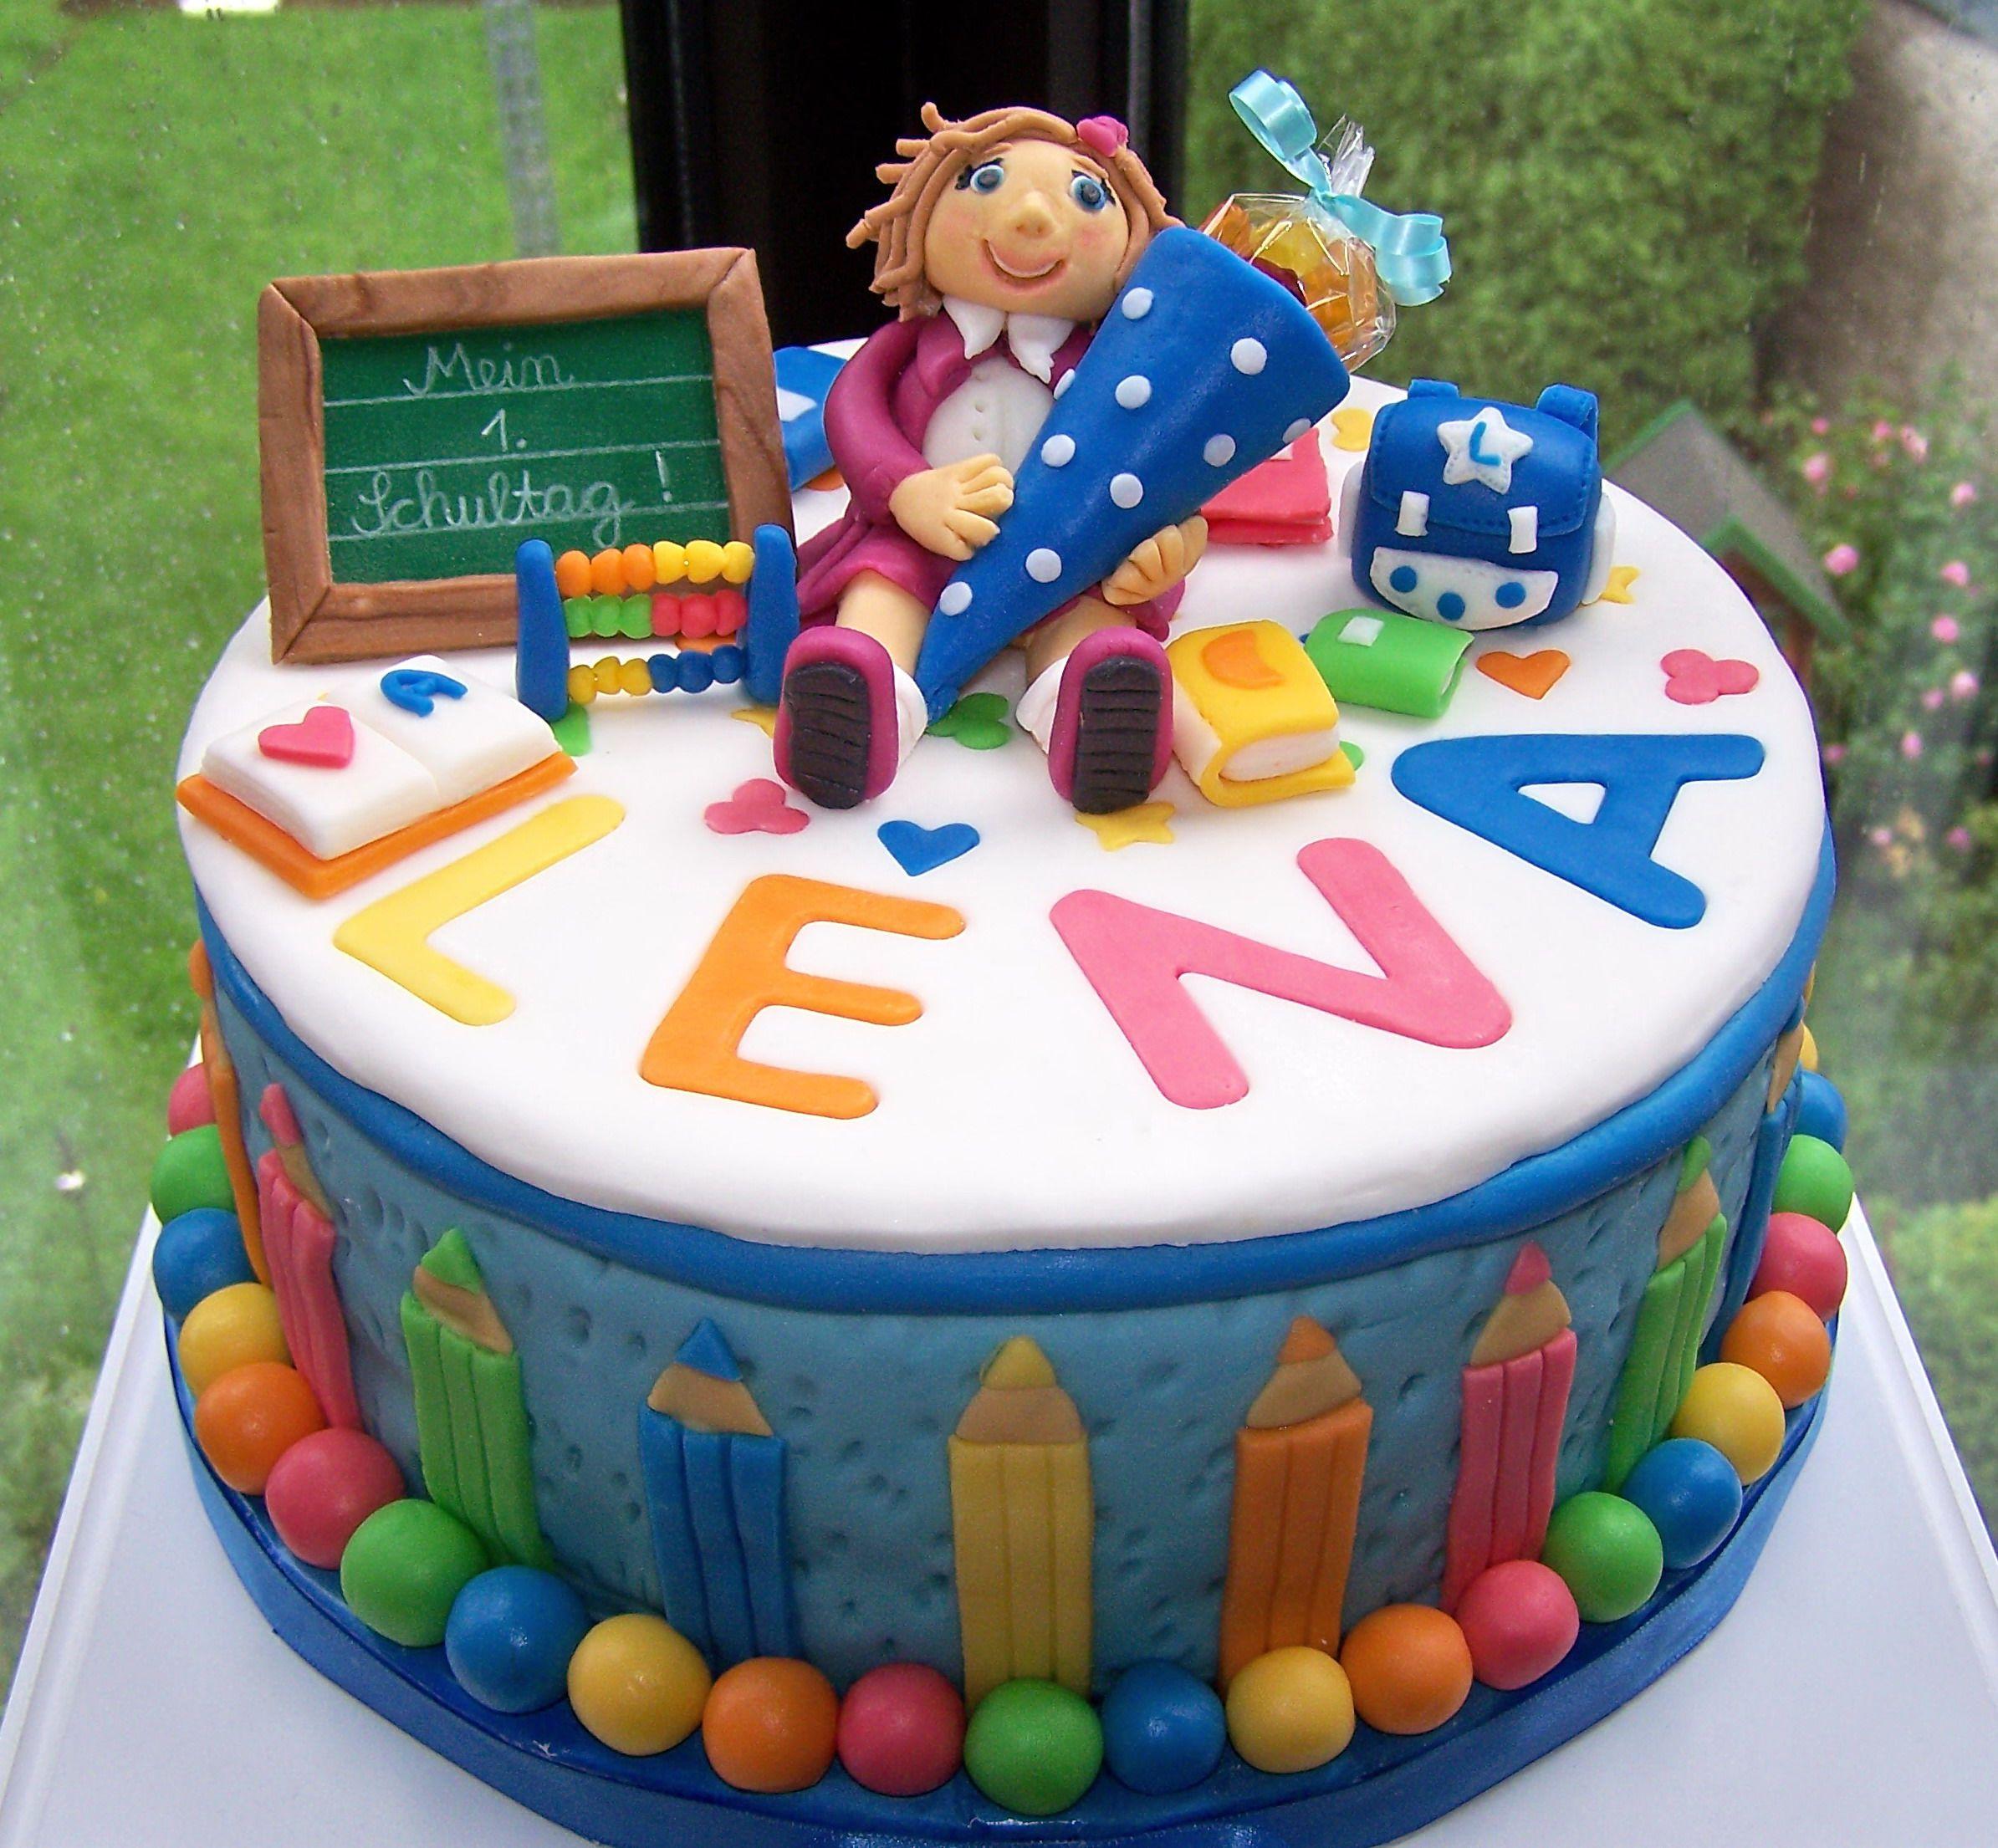 Pin Von Ulrike Zech Auf Schultute Torte Einschulung Kuchen Einschulung Geburtstagskuchen Kinder